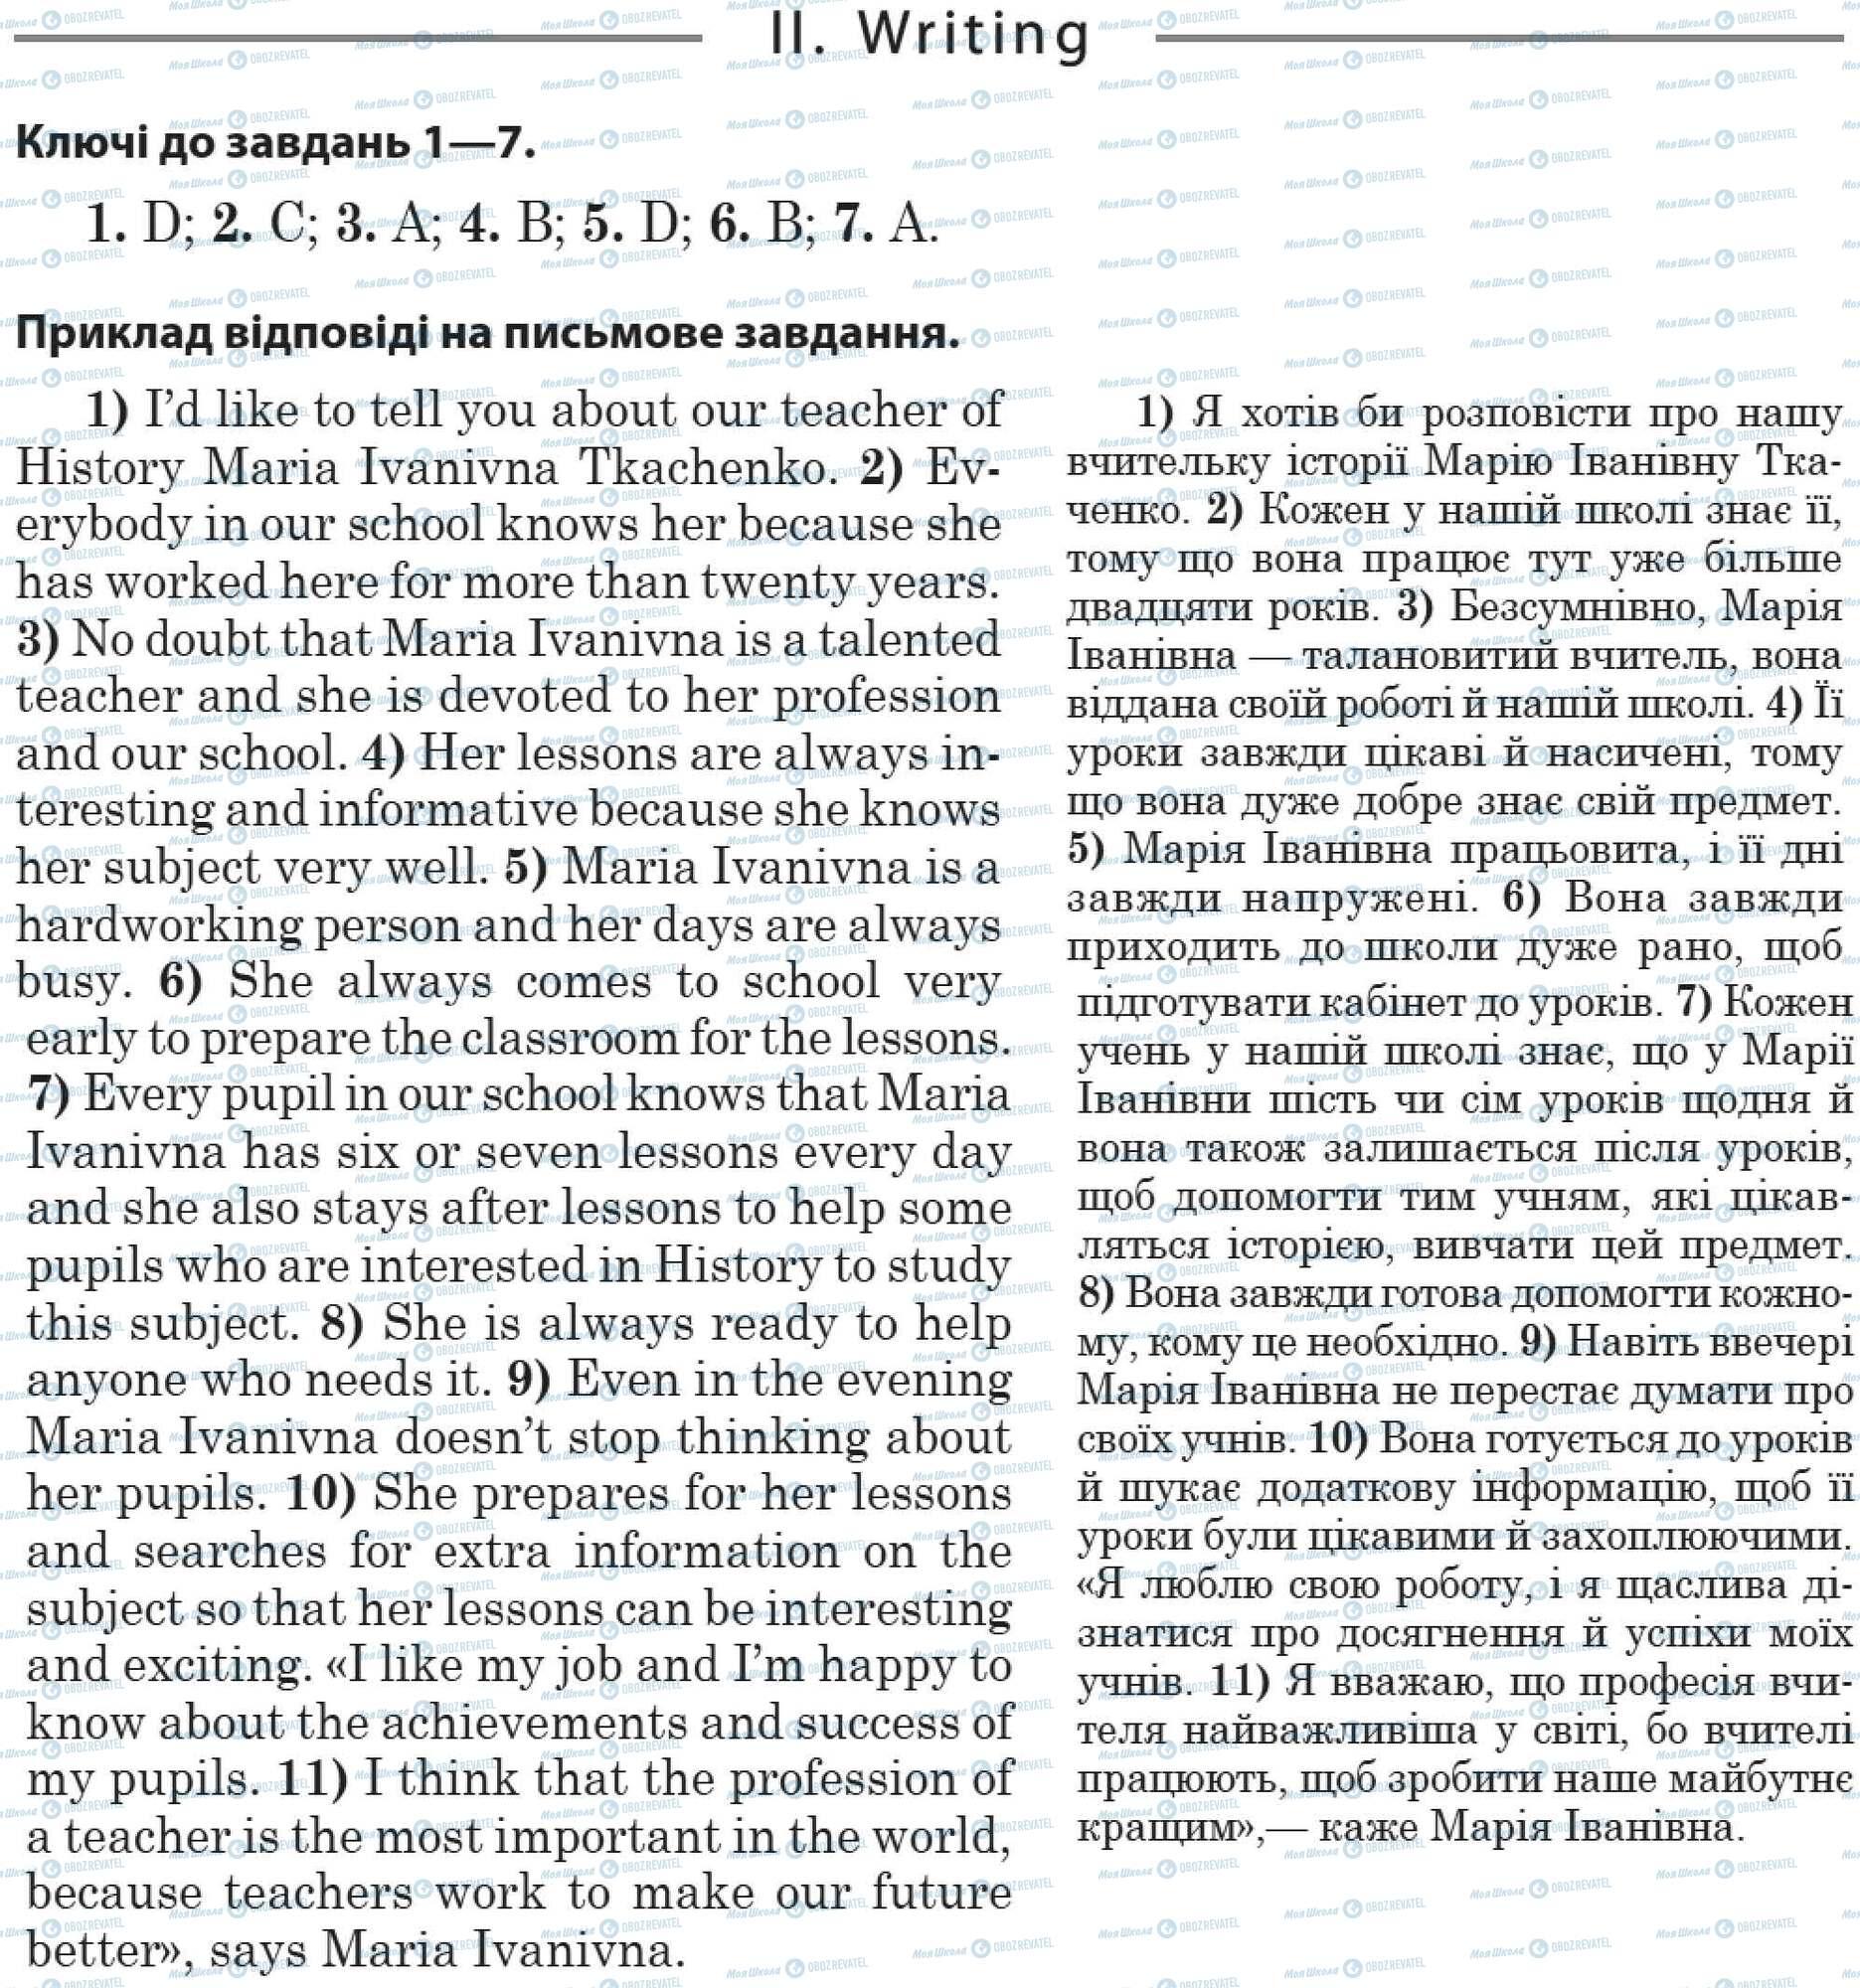 ДПА Английский язык 11 класс страница 2. Writing